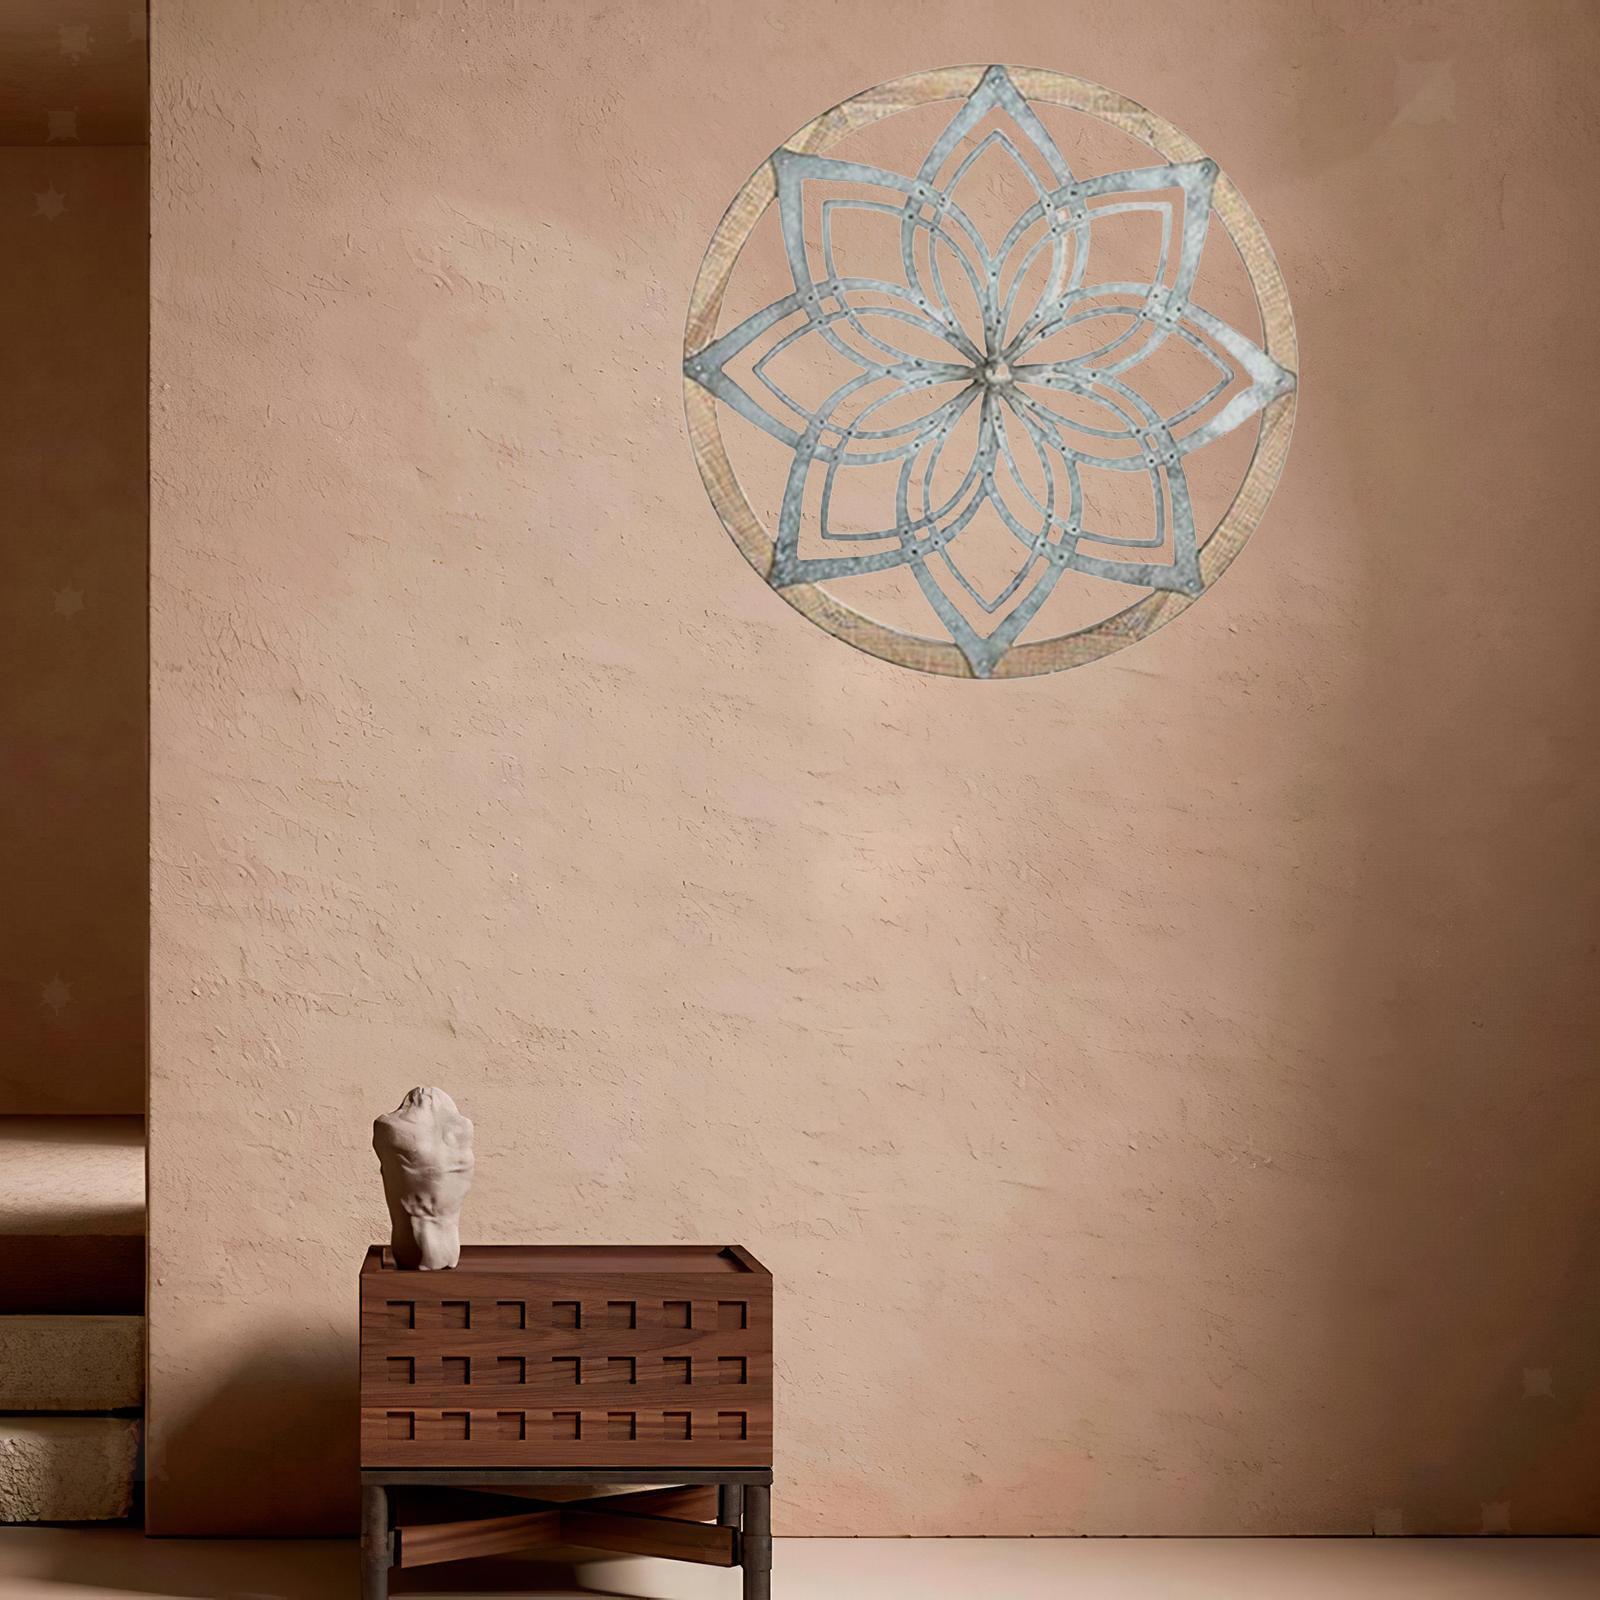 miniatura 4 - Medaglioni, Rustico di Arte Della Parete, Appeso A Parete Placca, Giardino